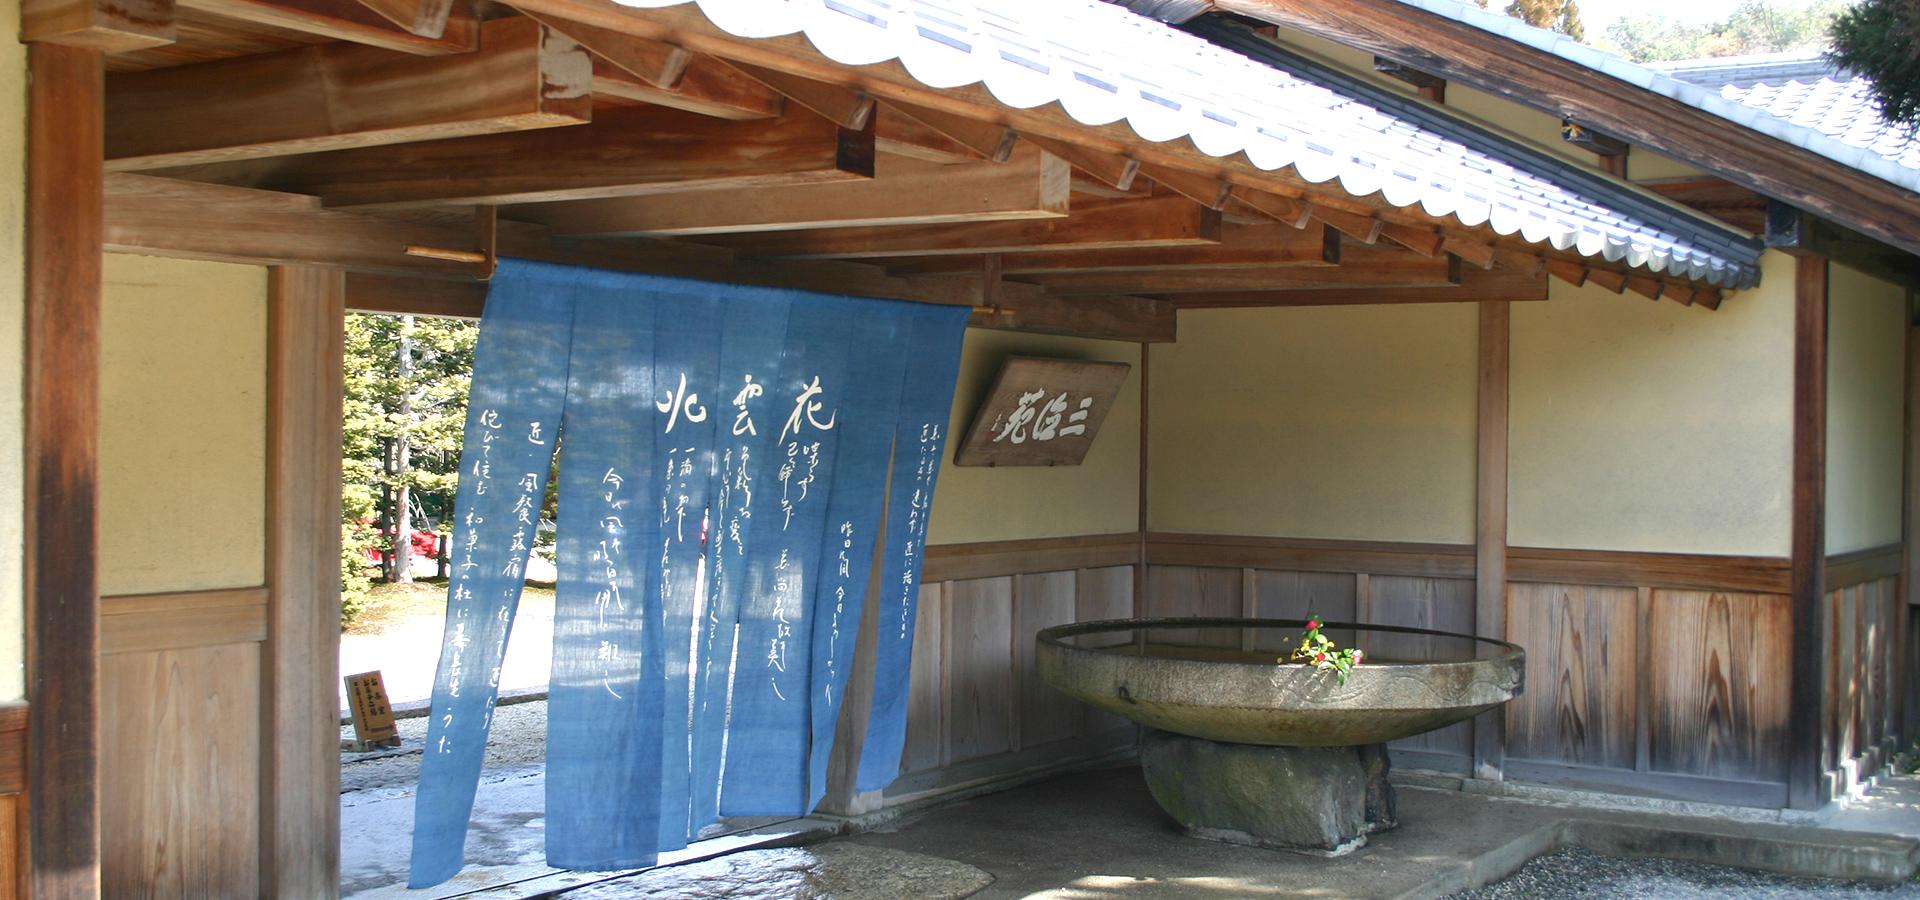 叶 匠寿庵 寿長生의 고향 (카노우죠우쥬안 스나이노사토)